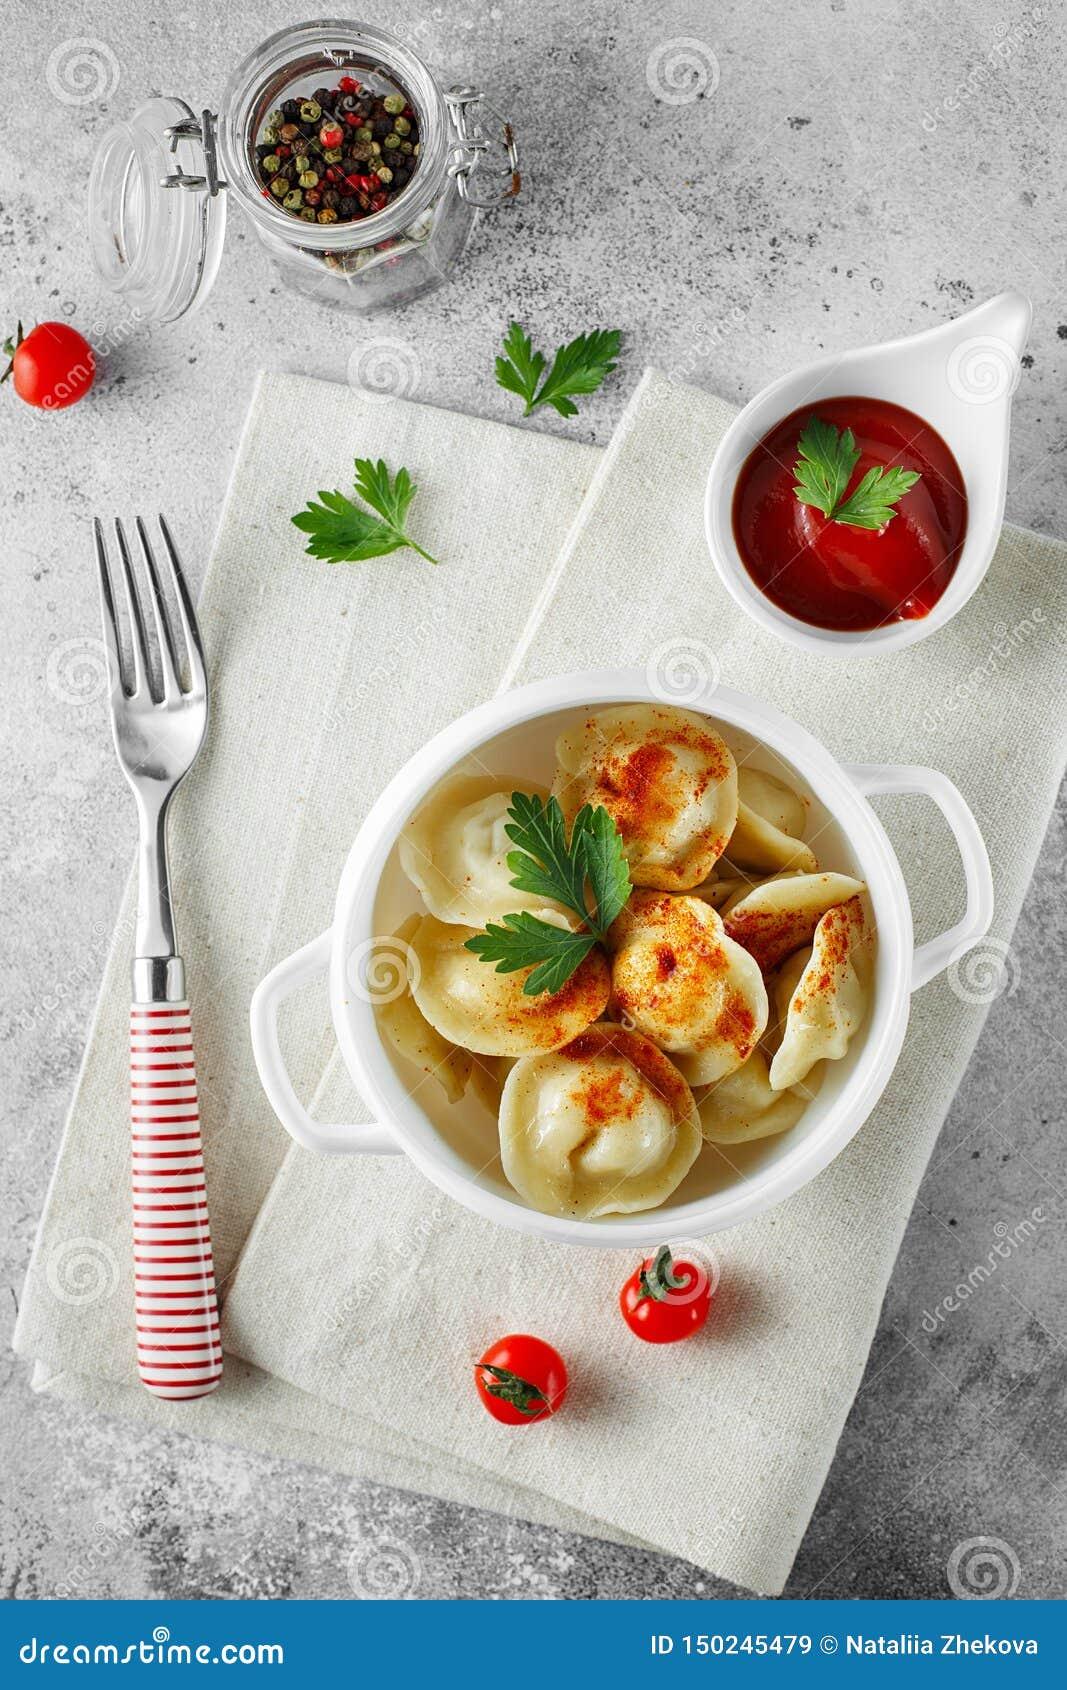 Vleesbollen - Russische pelmeni, ravioli met vlees op een witte kom Vlak leg samenstelling